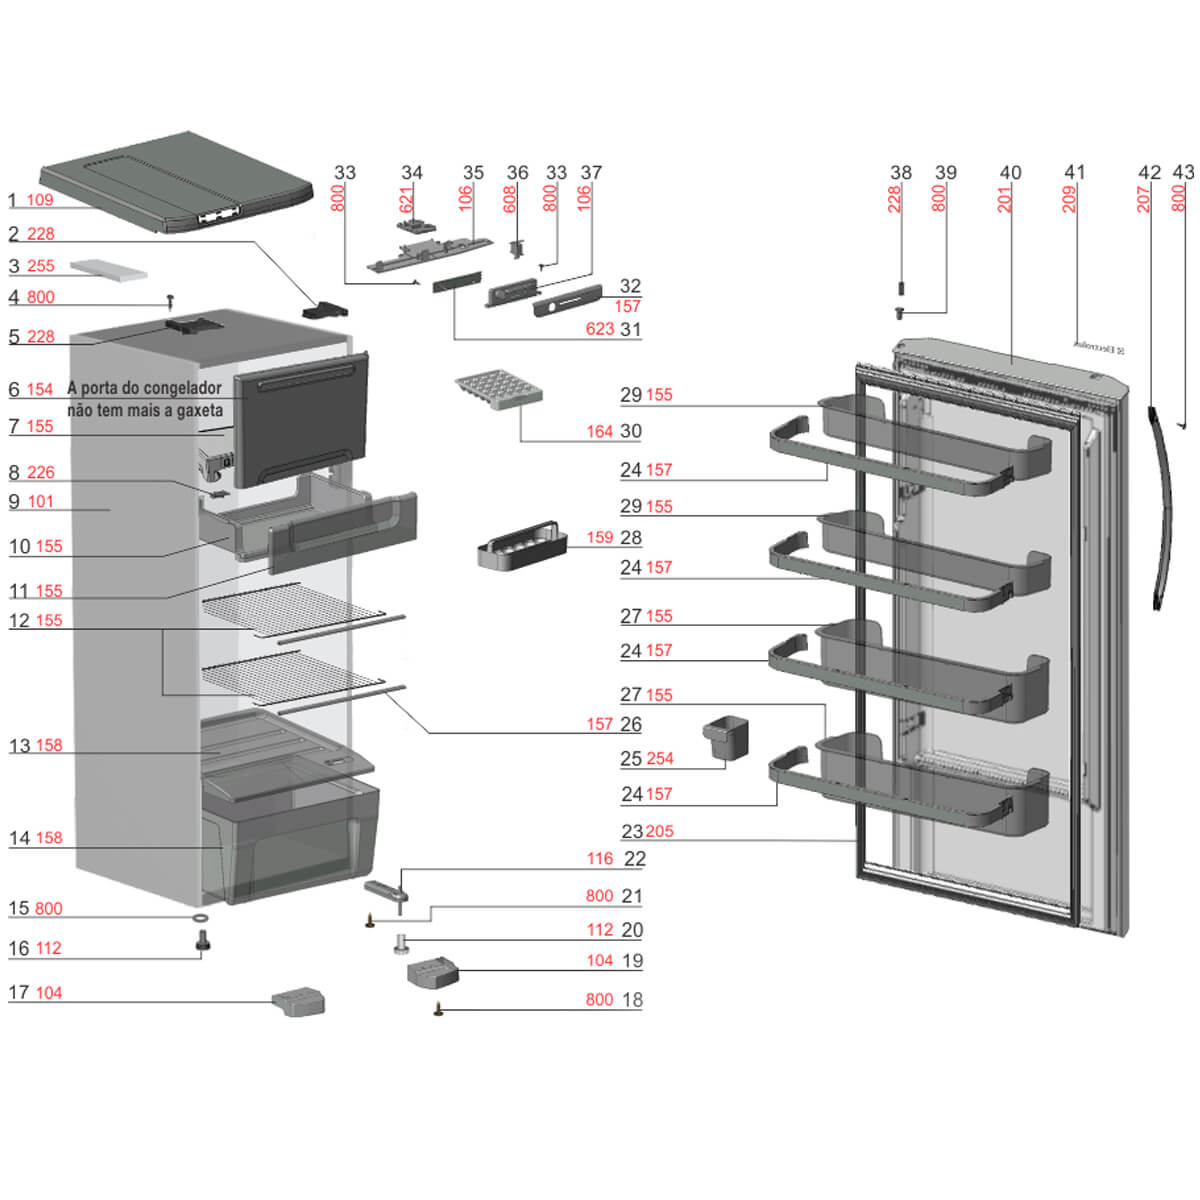 Divisória Do Freezer Refrigerador Electrolux RFE38 RFE39 - 70200658